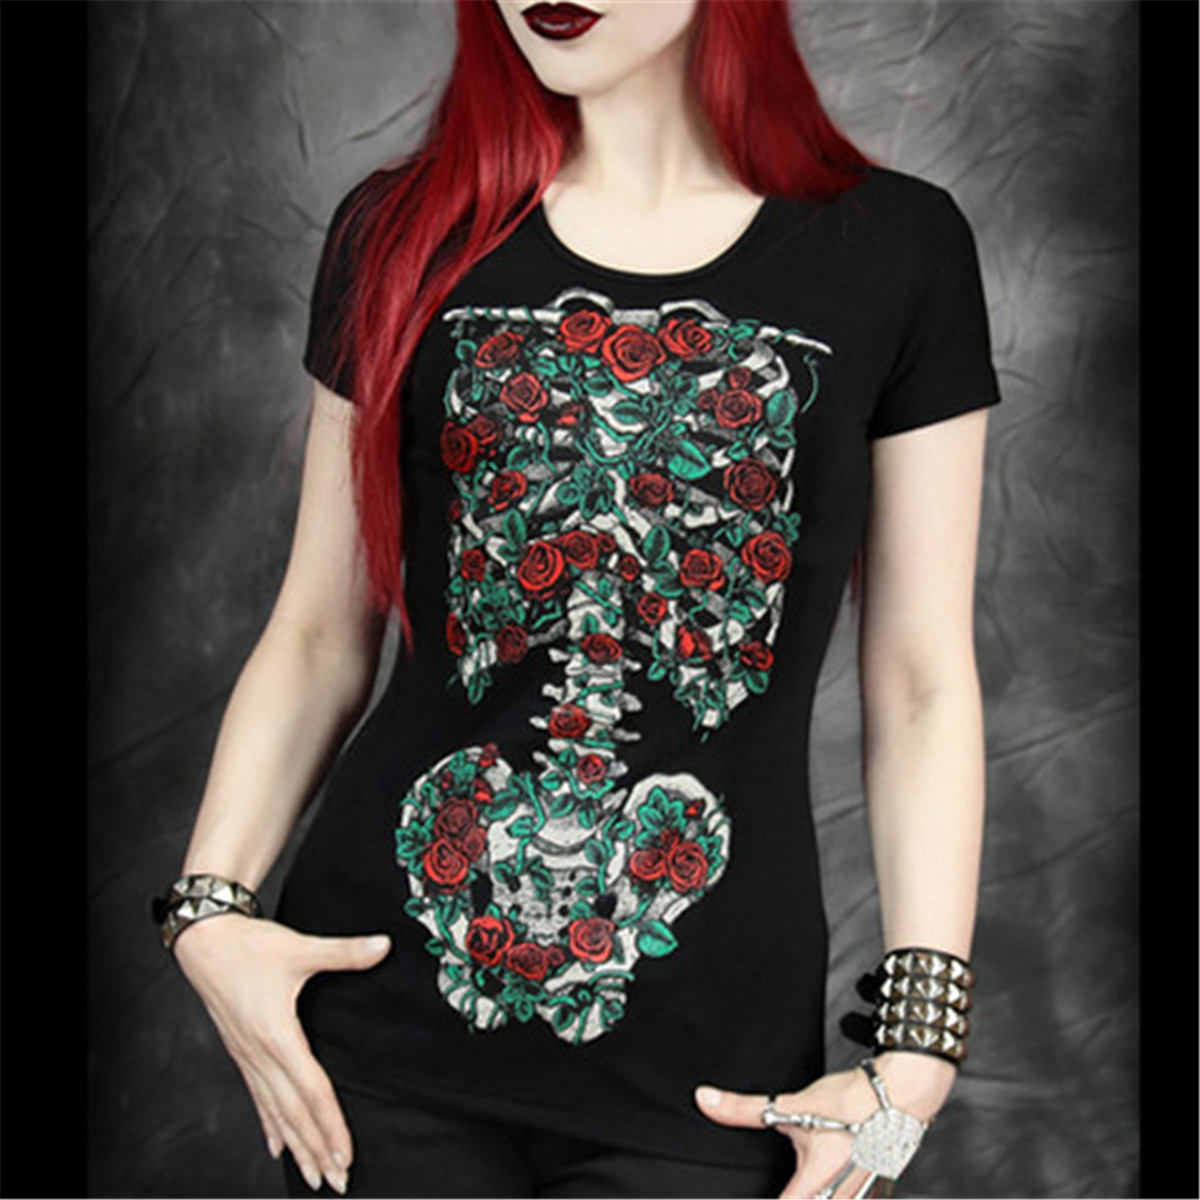 Goth Women 39 S Shirt Summer 2017 Perspective Skeleton Skull